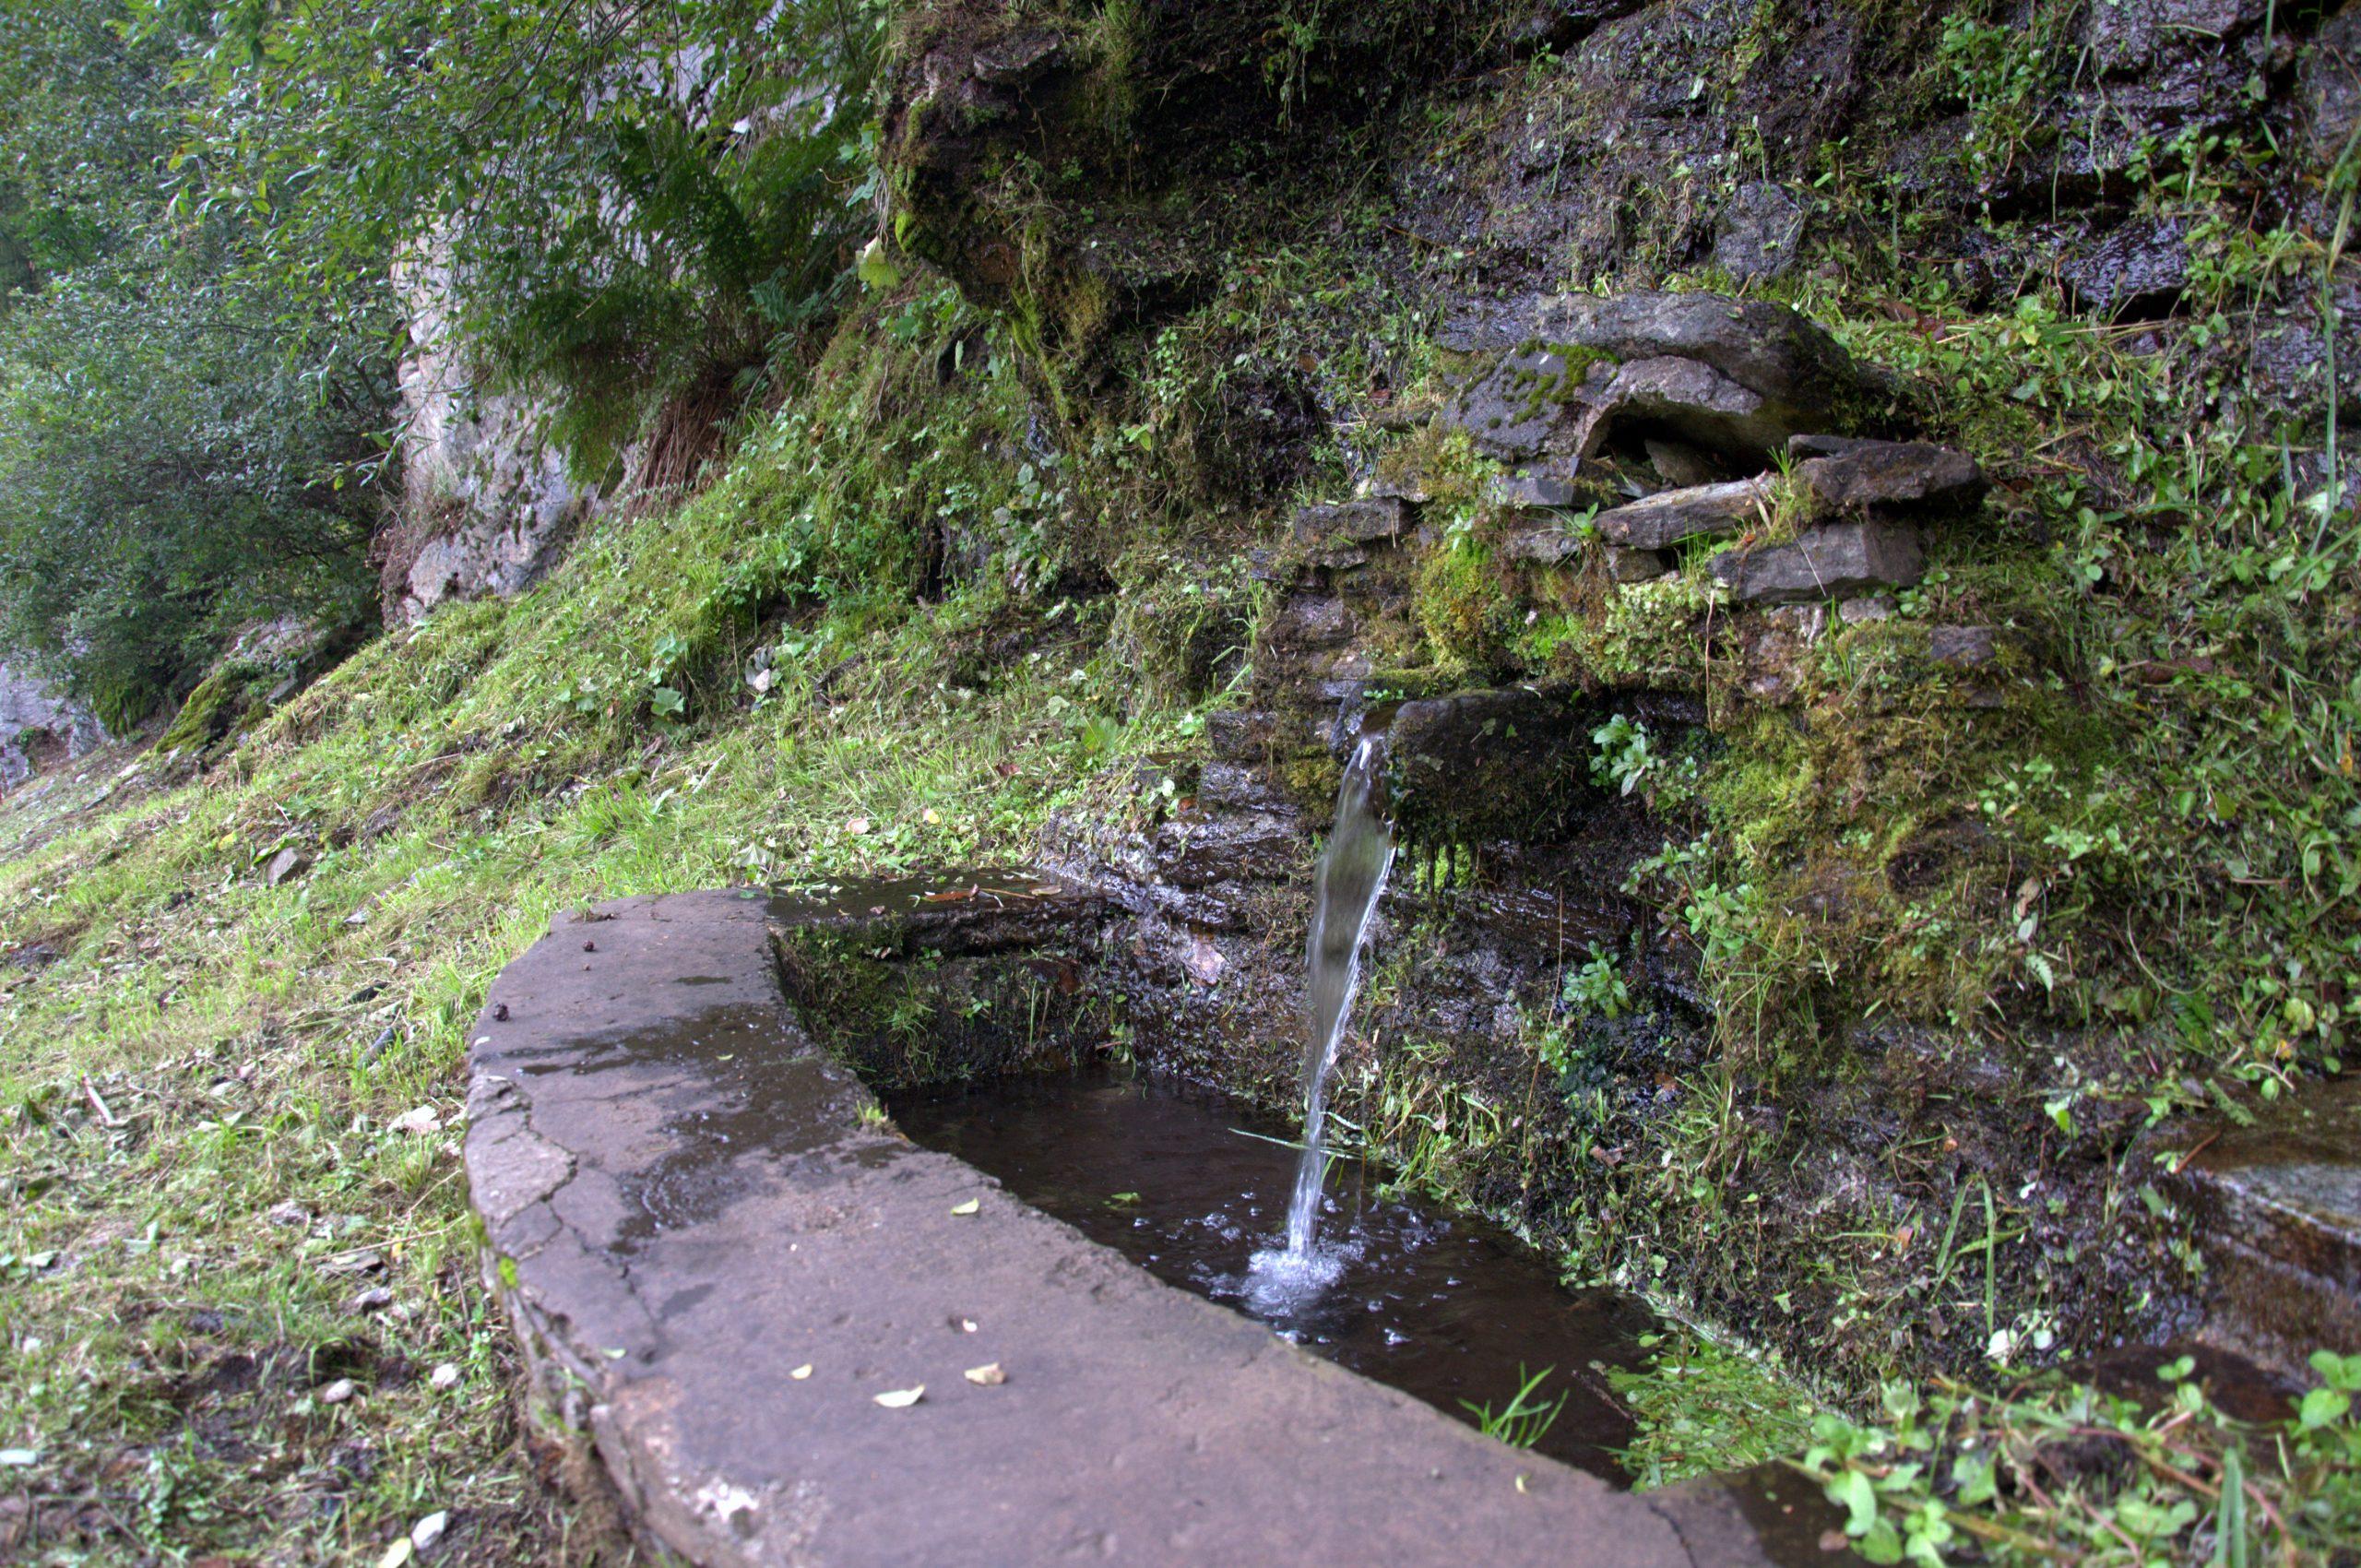 L'acqua della fontana sembra sgorgare direttamente dal versante